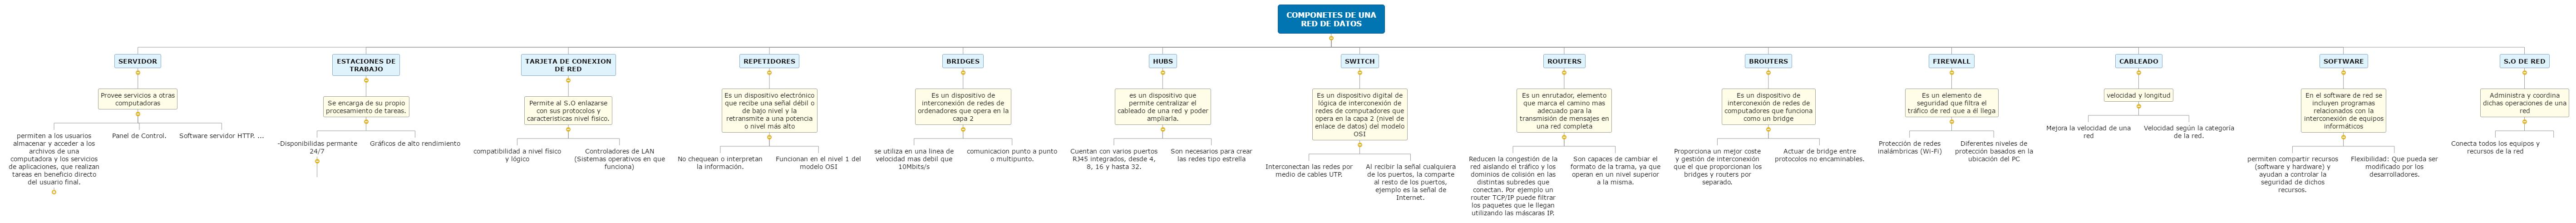 COMPONETES DE UNA RED DE DATOS Mind Map